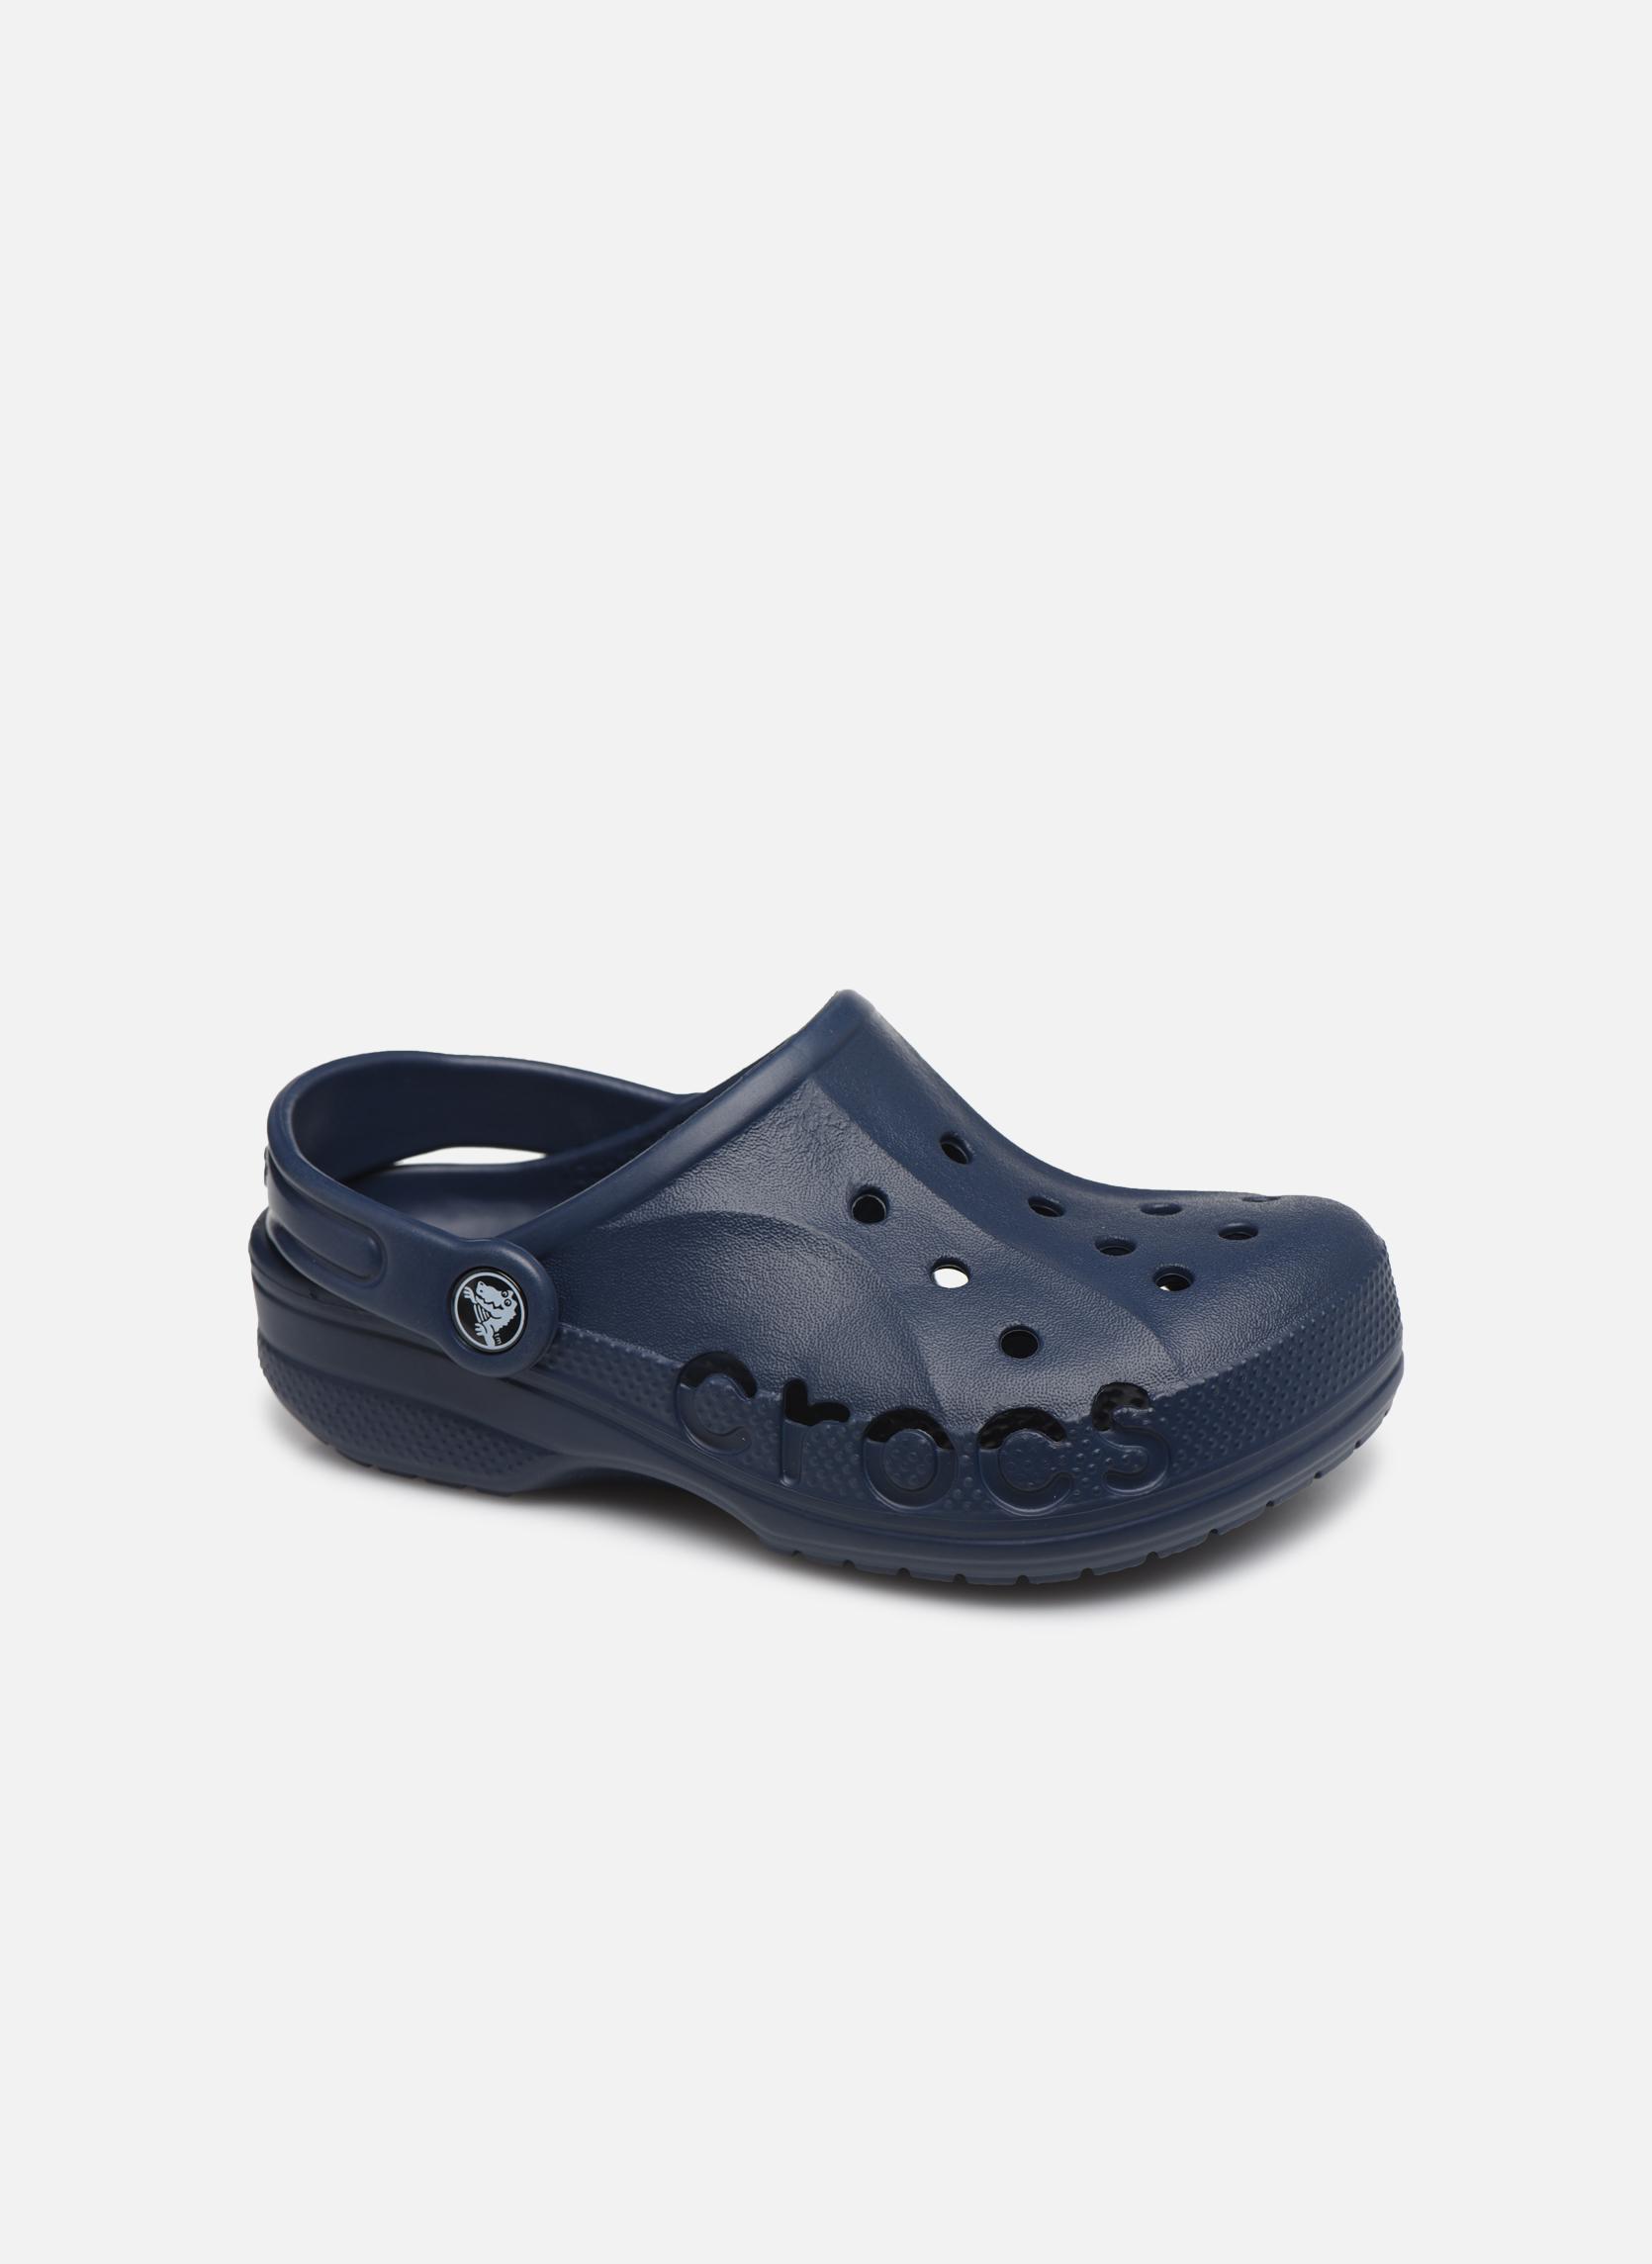 Sandalen Kinder Baya Kids